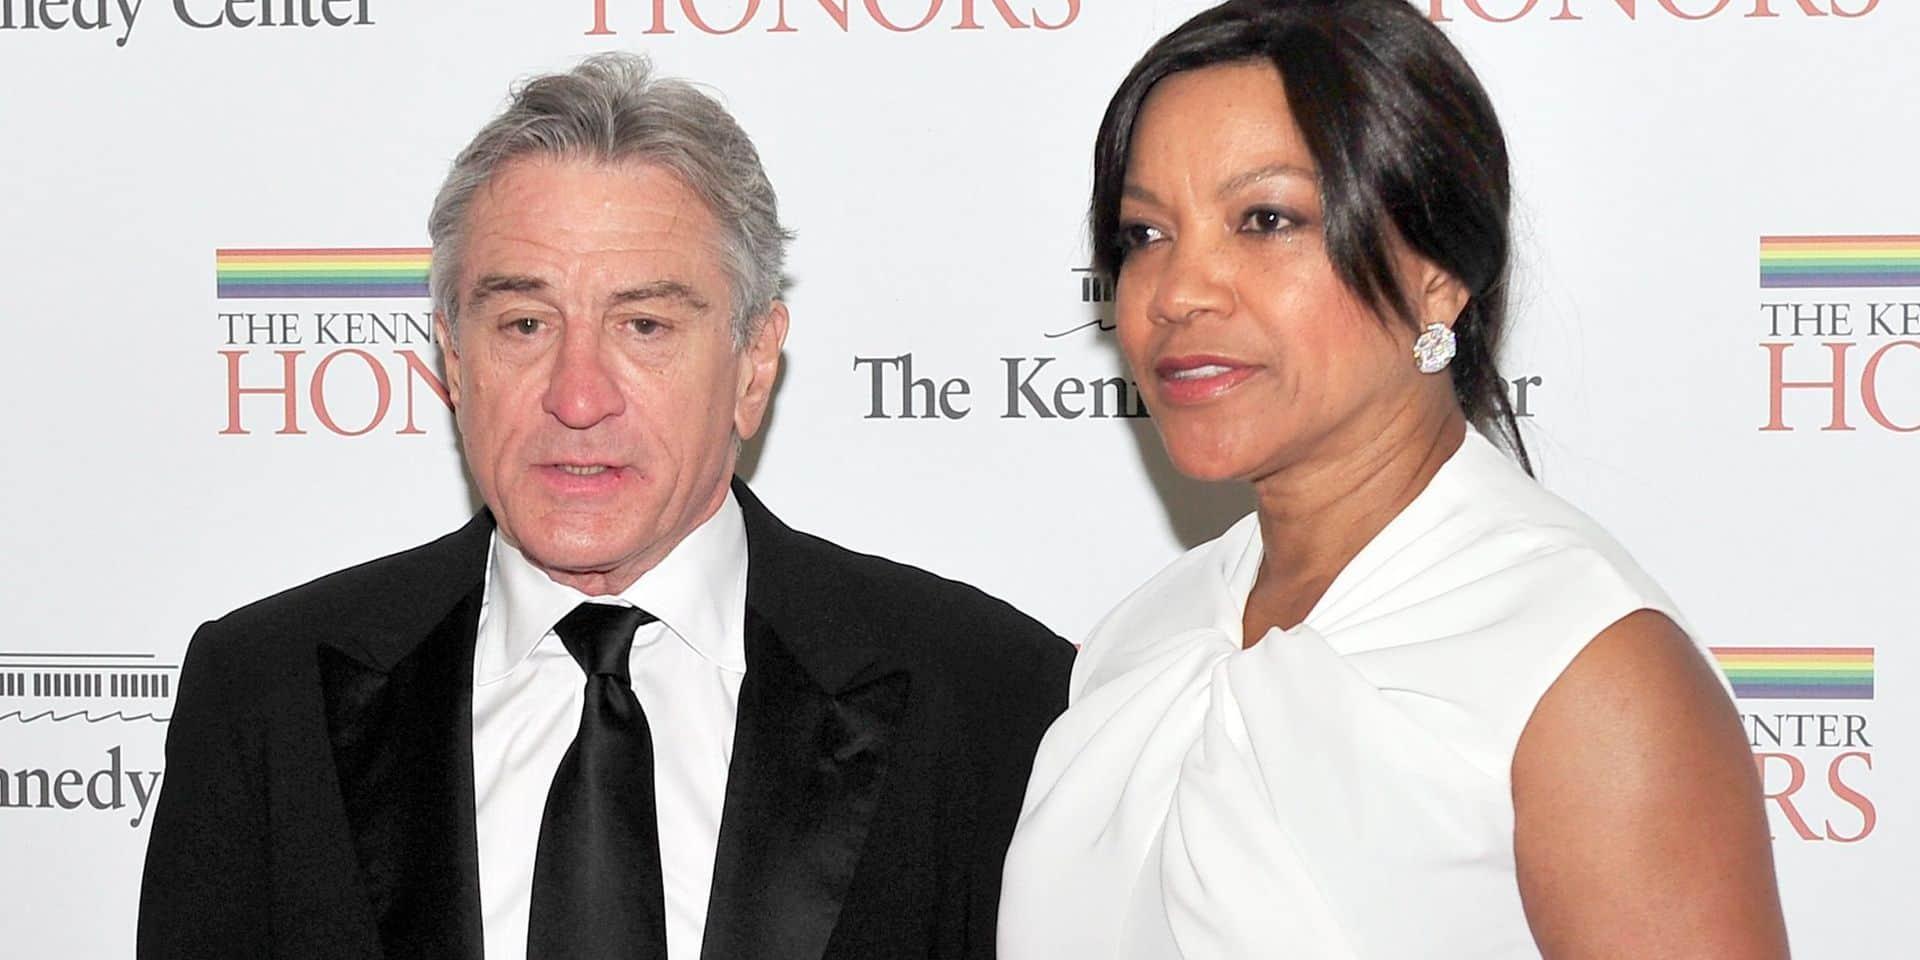 """Robert De Niro n'en peut plus de devoir travailler """"six jours par semaine"""" pour subvenir aux besoins de son ex-compagne"""